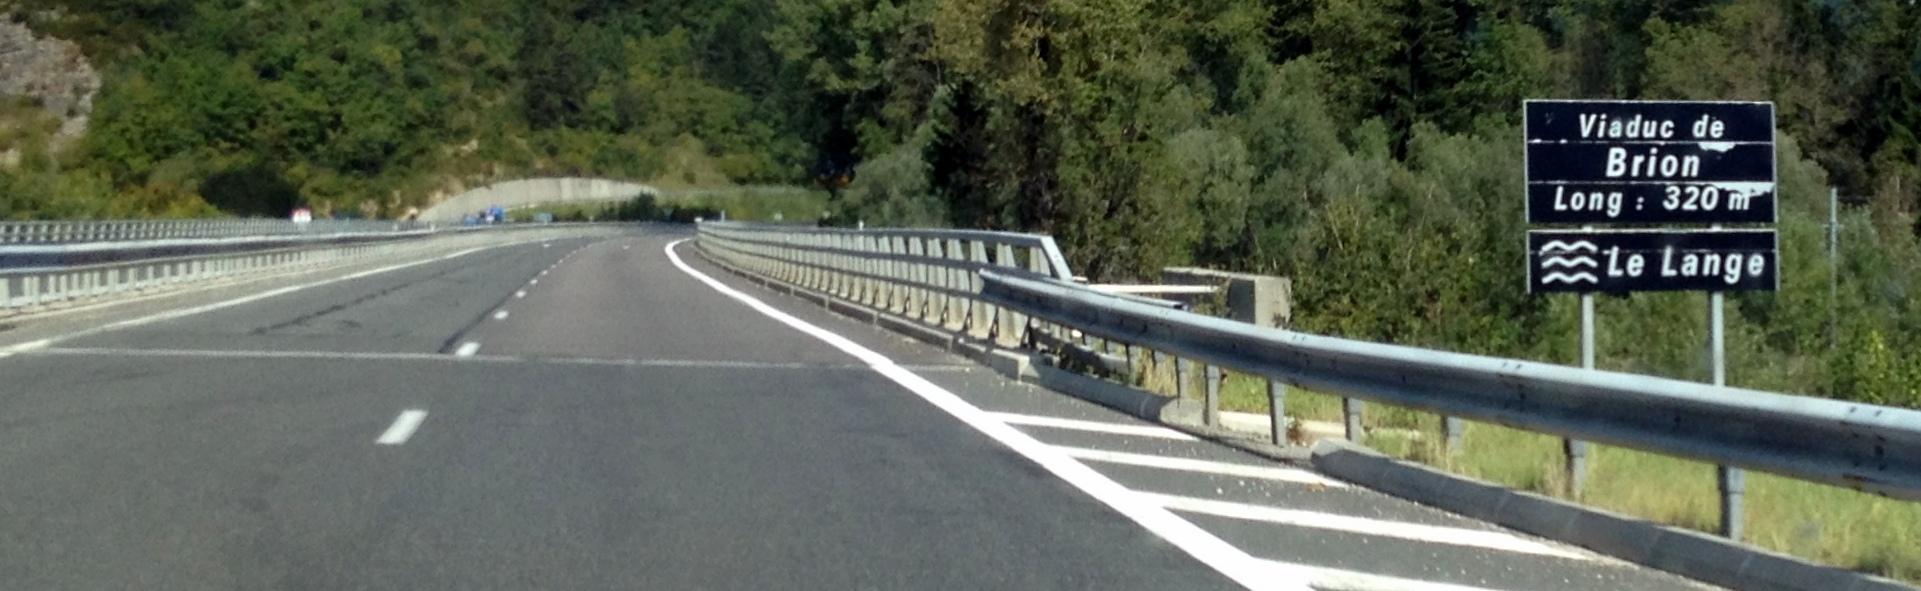 Viaduc de Brion.